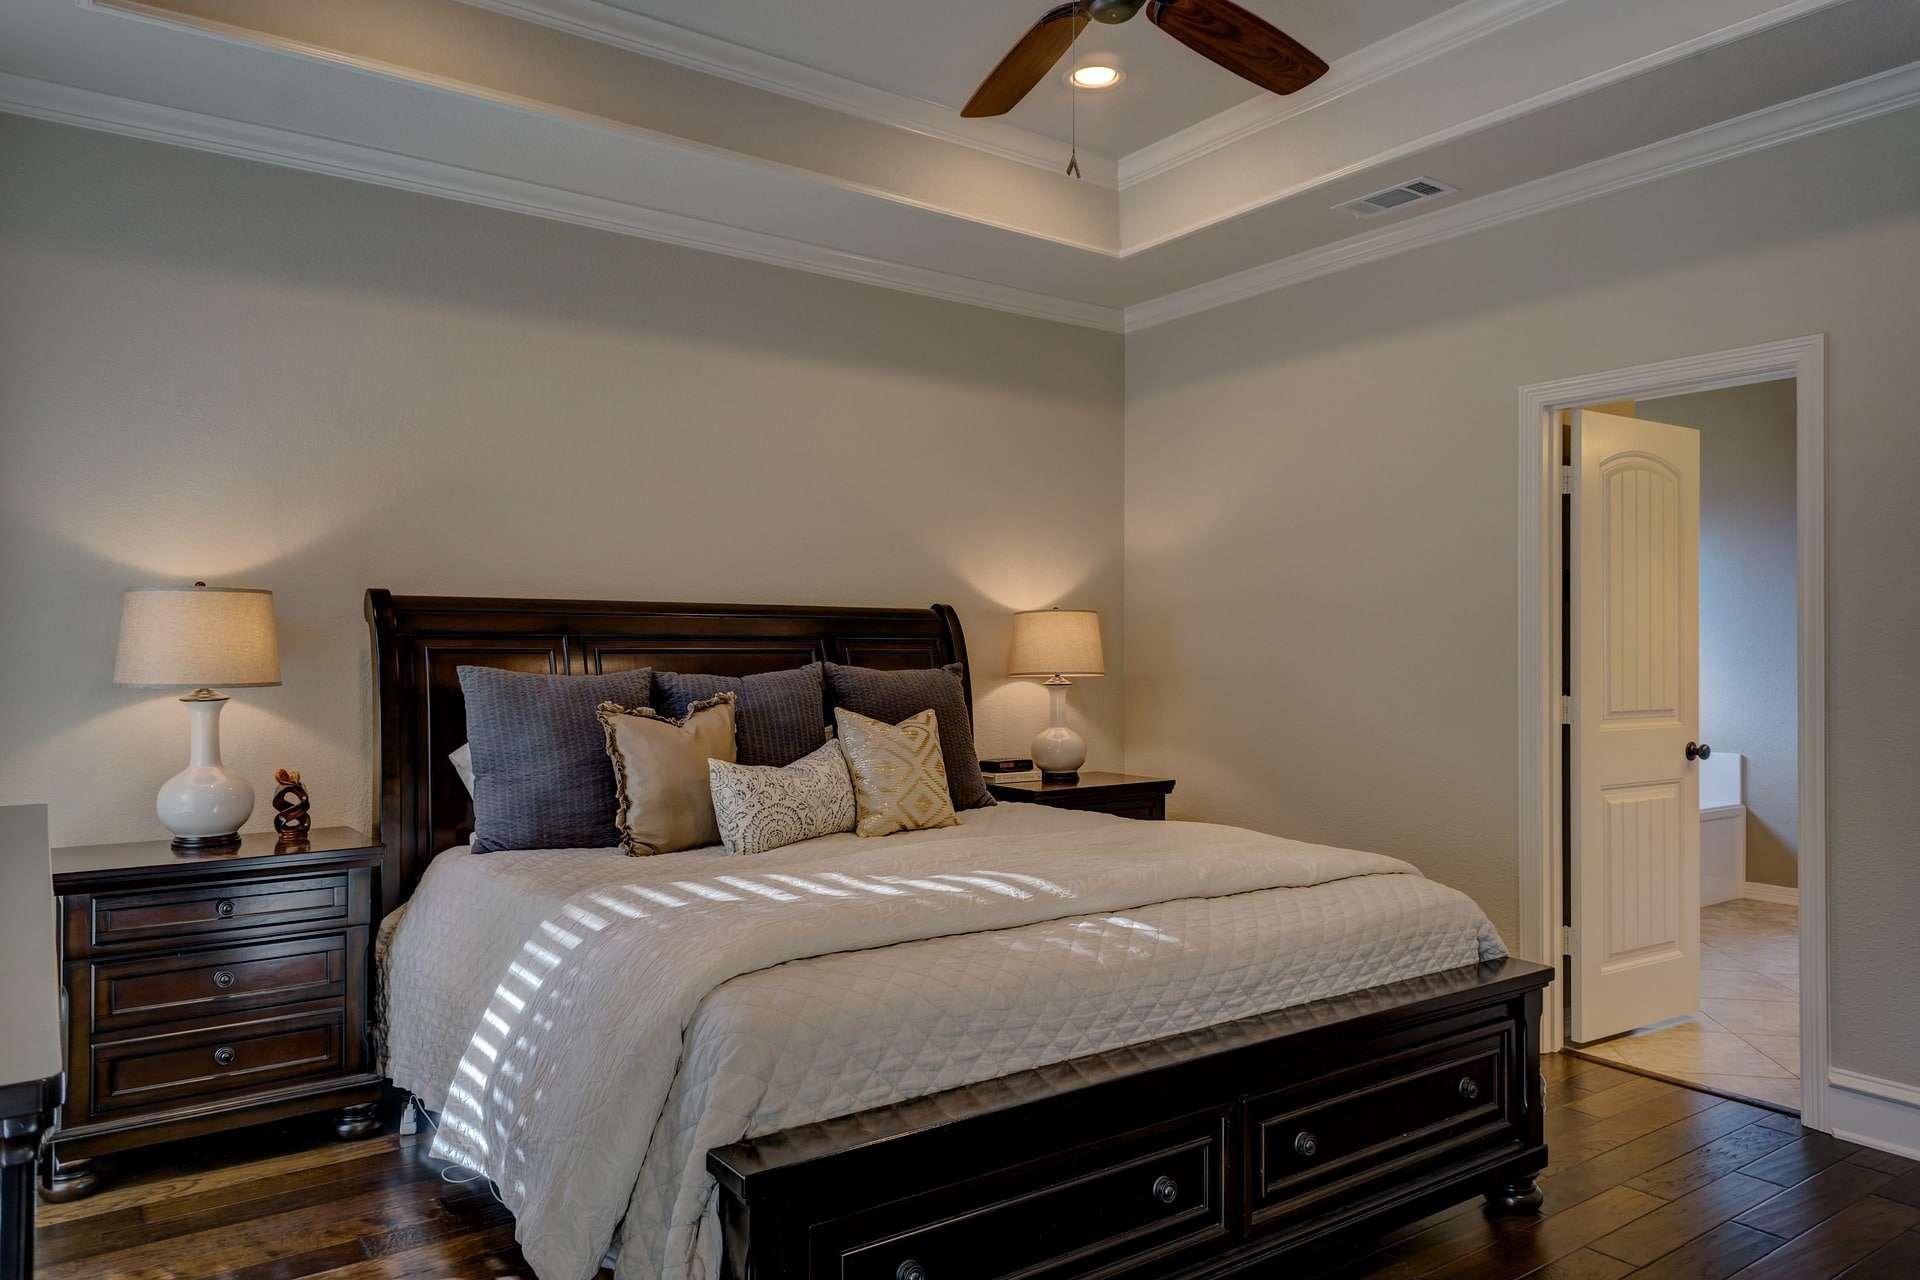 Deep Clean Your Bedrooms